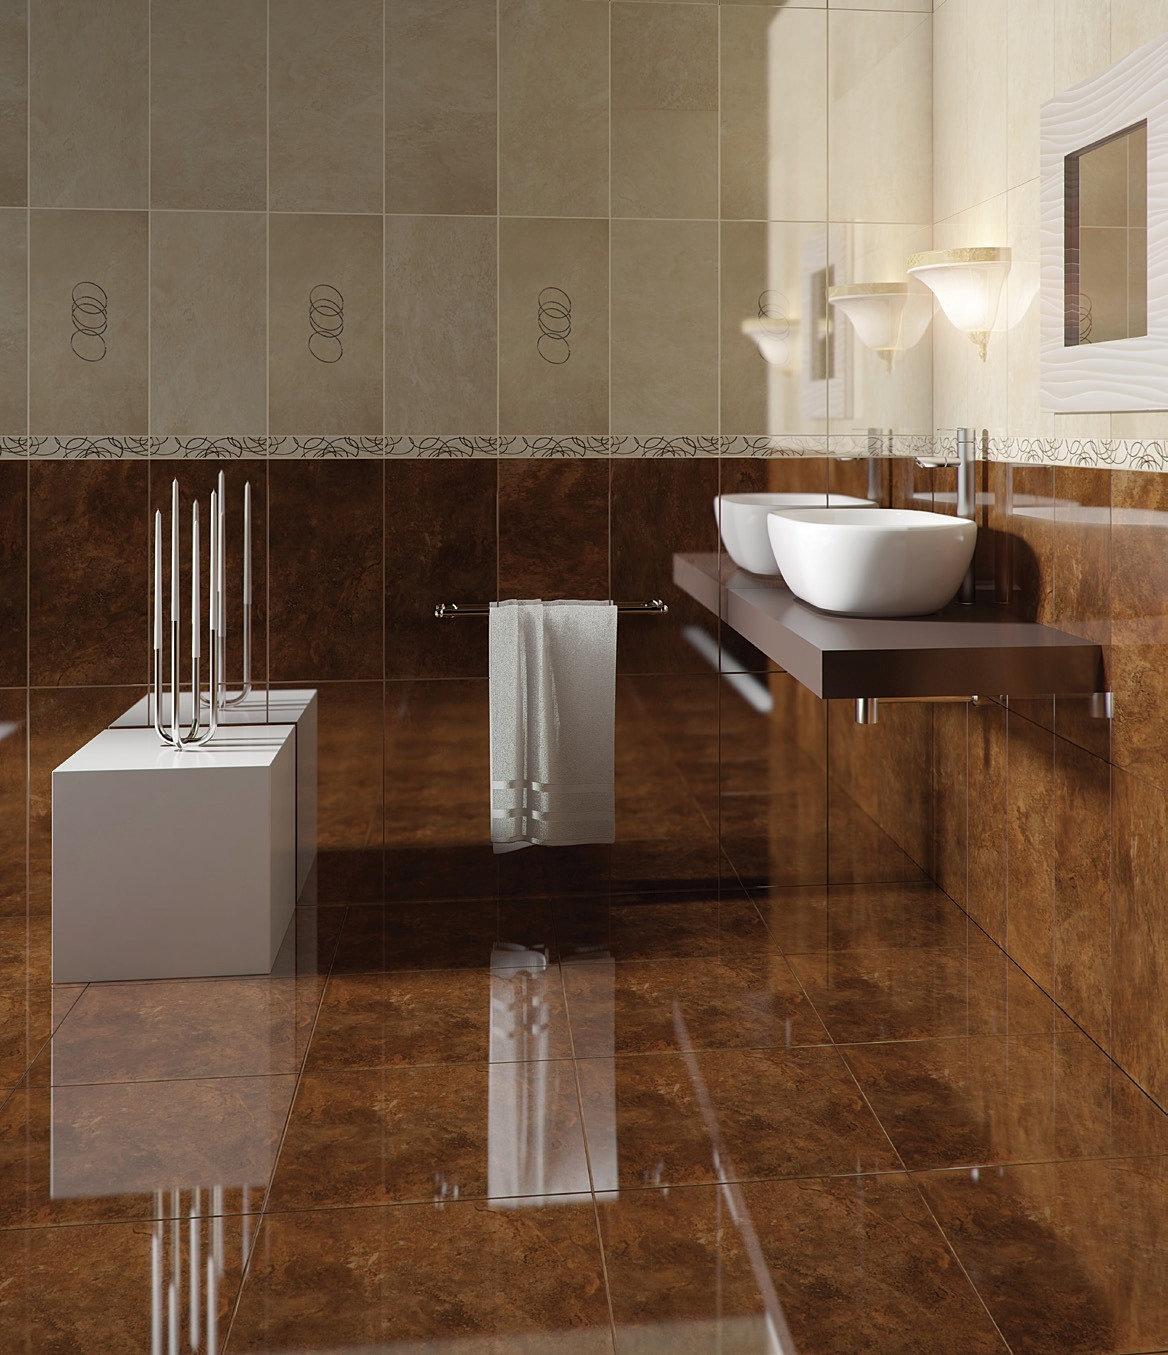 Ceramicaslaguna pisos y azulejos tamesis for Pisos y azulejos